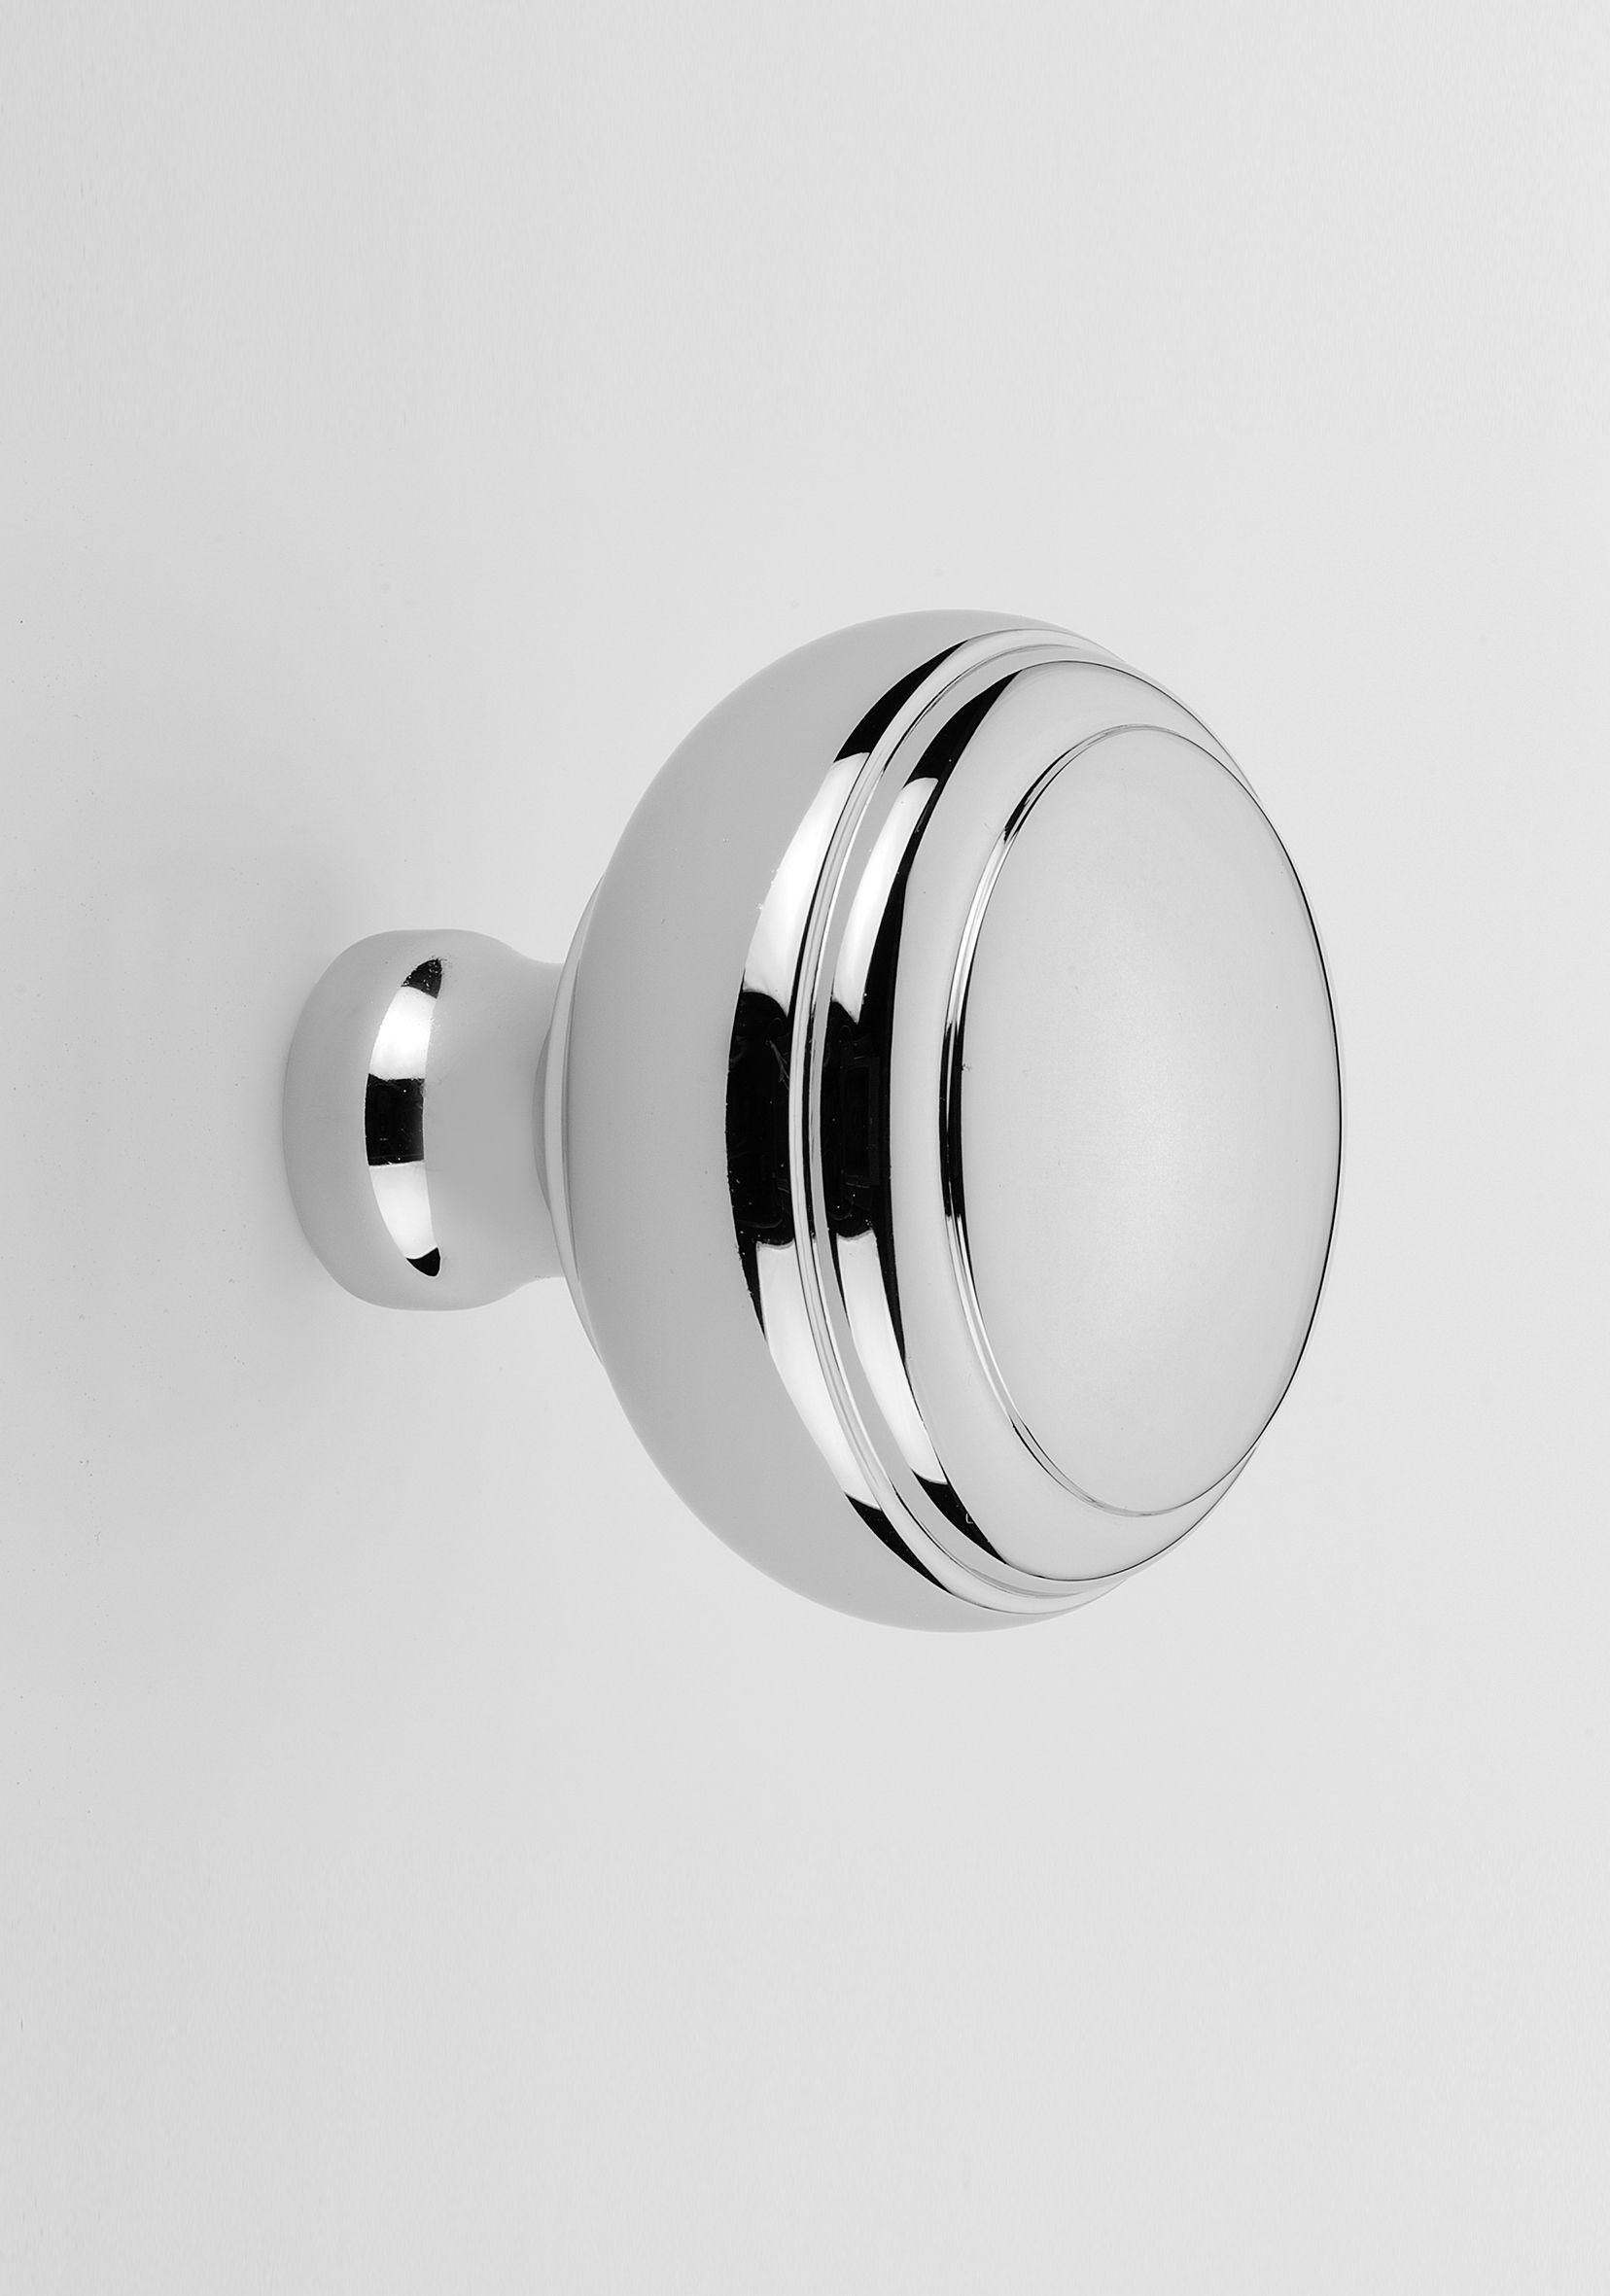 Brass cabinet knob luxury architectural hardware frank allart